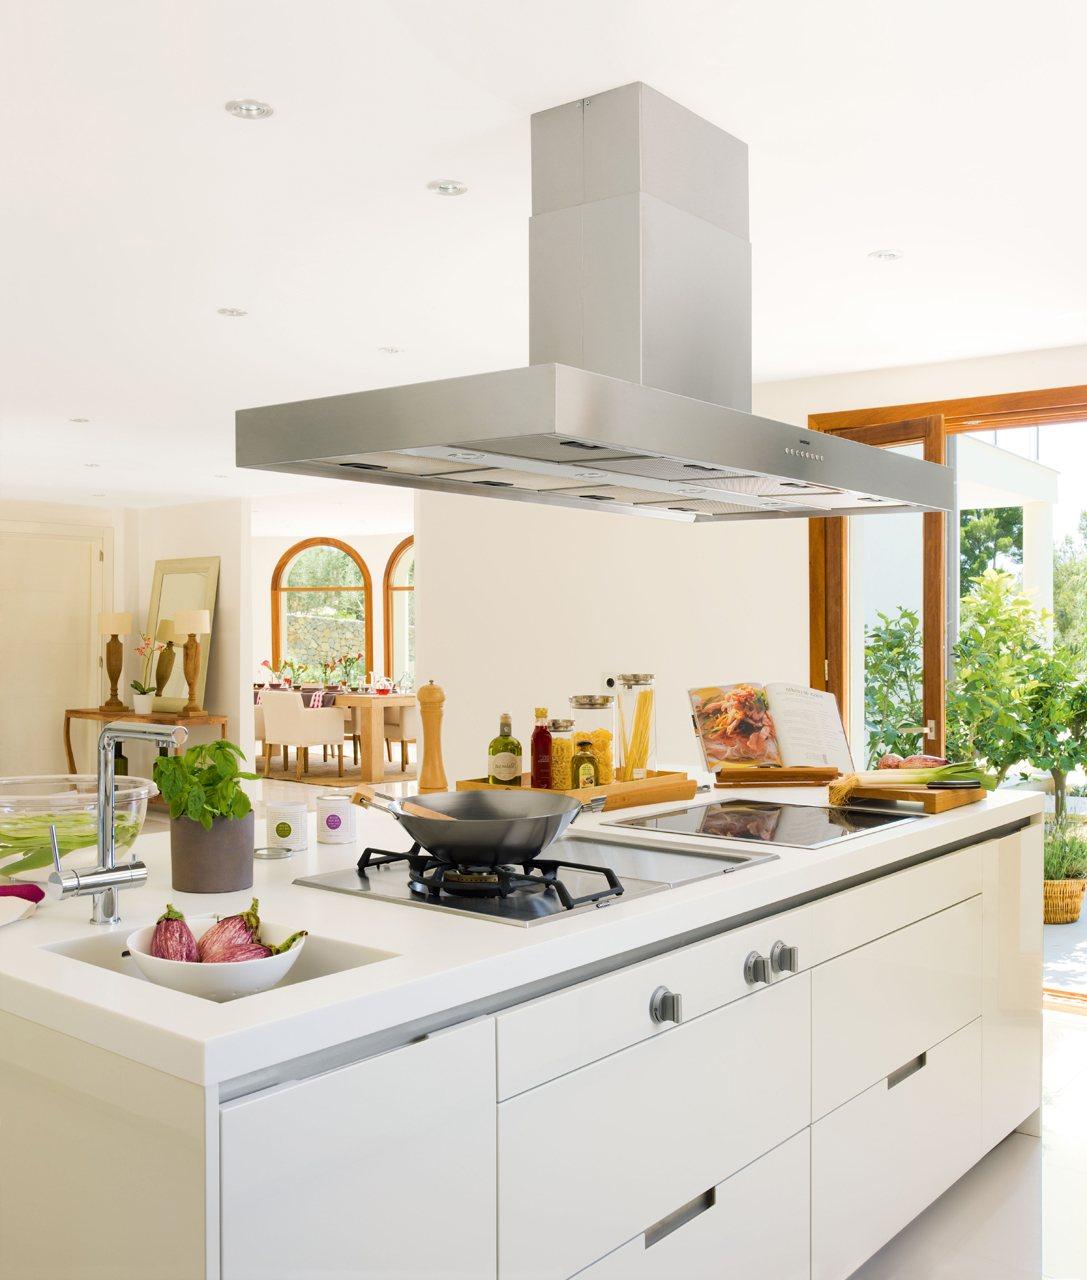 Renovar la cocina sin obras - Cocina con isla central ...